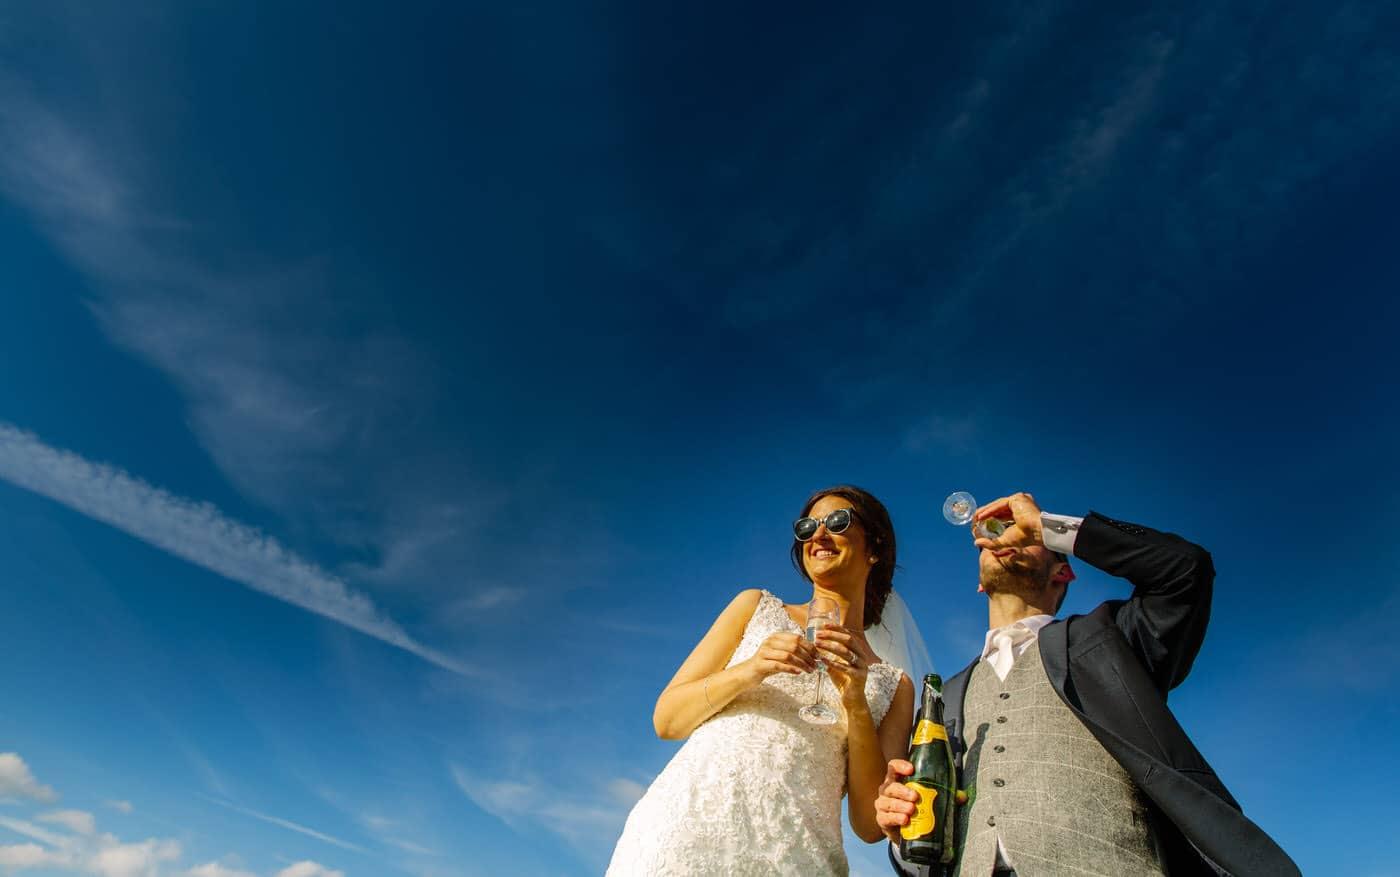 SG NORTH WALES WEDDING 1161